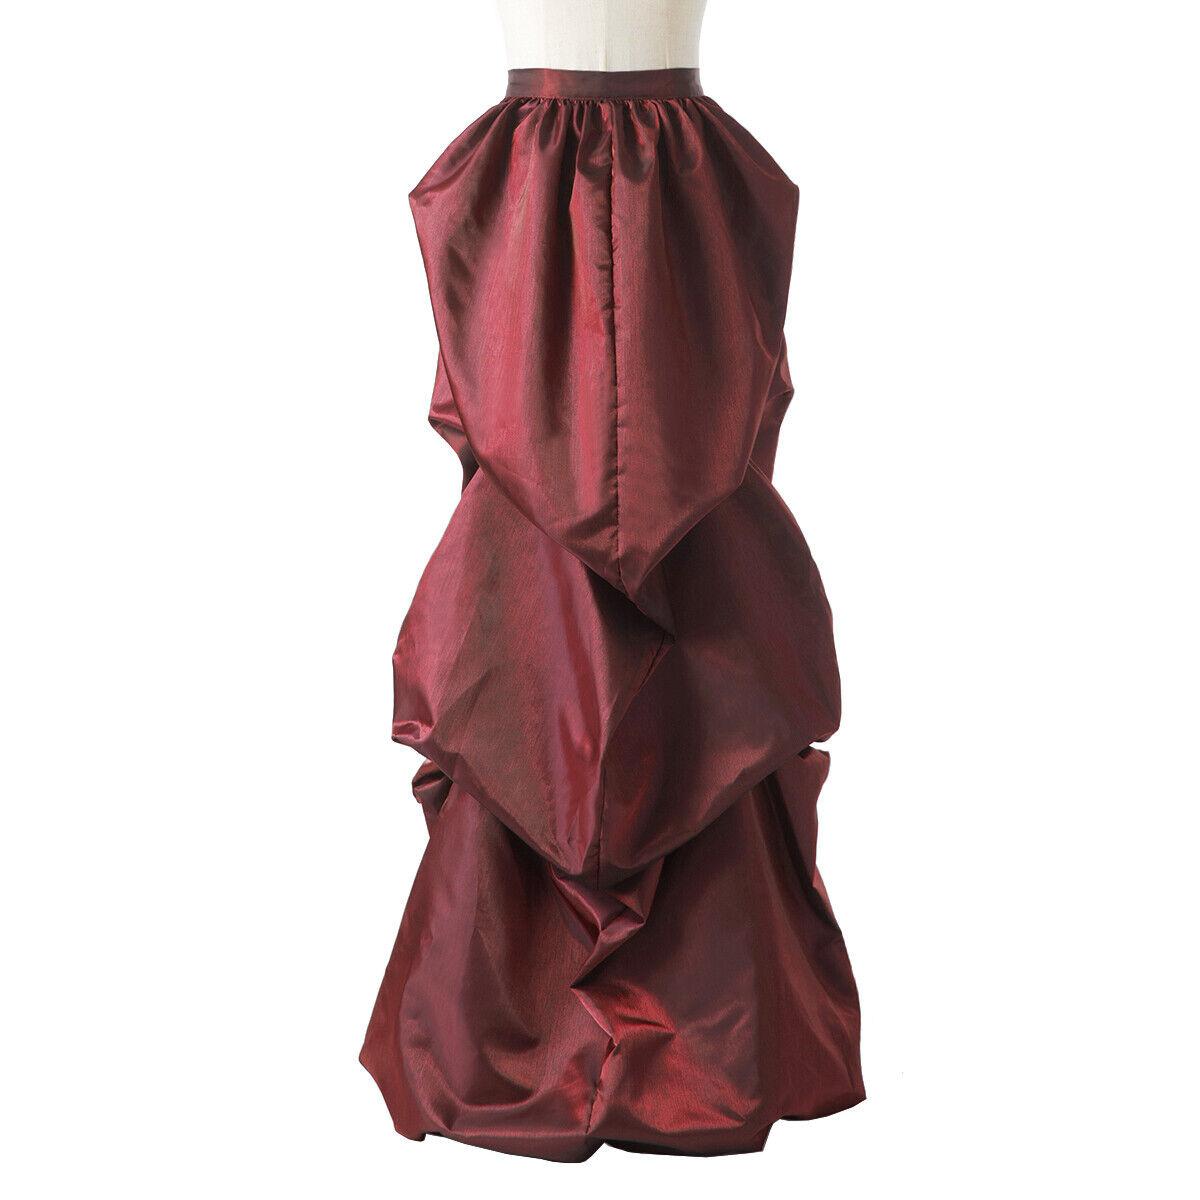 Vintage Victorian Edwardian Bustle Skirt Fancy Dr… - image 2